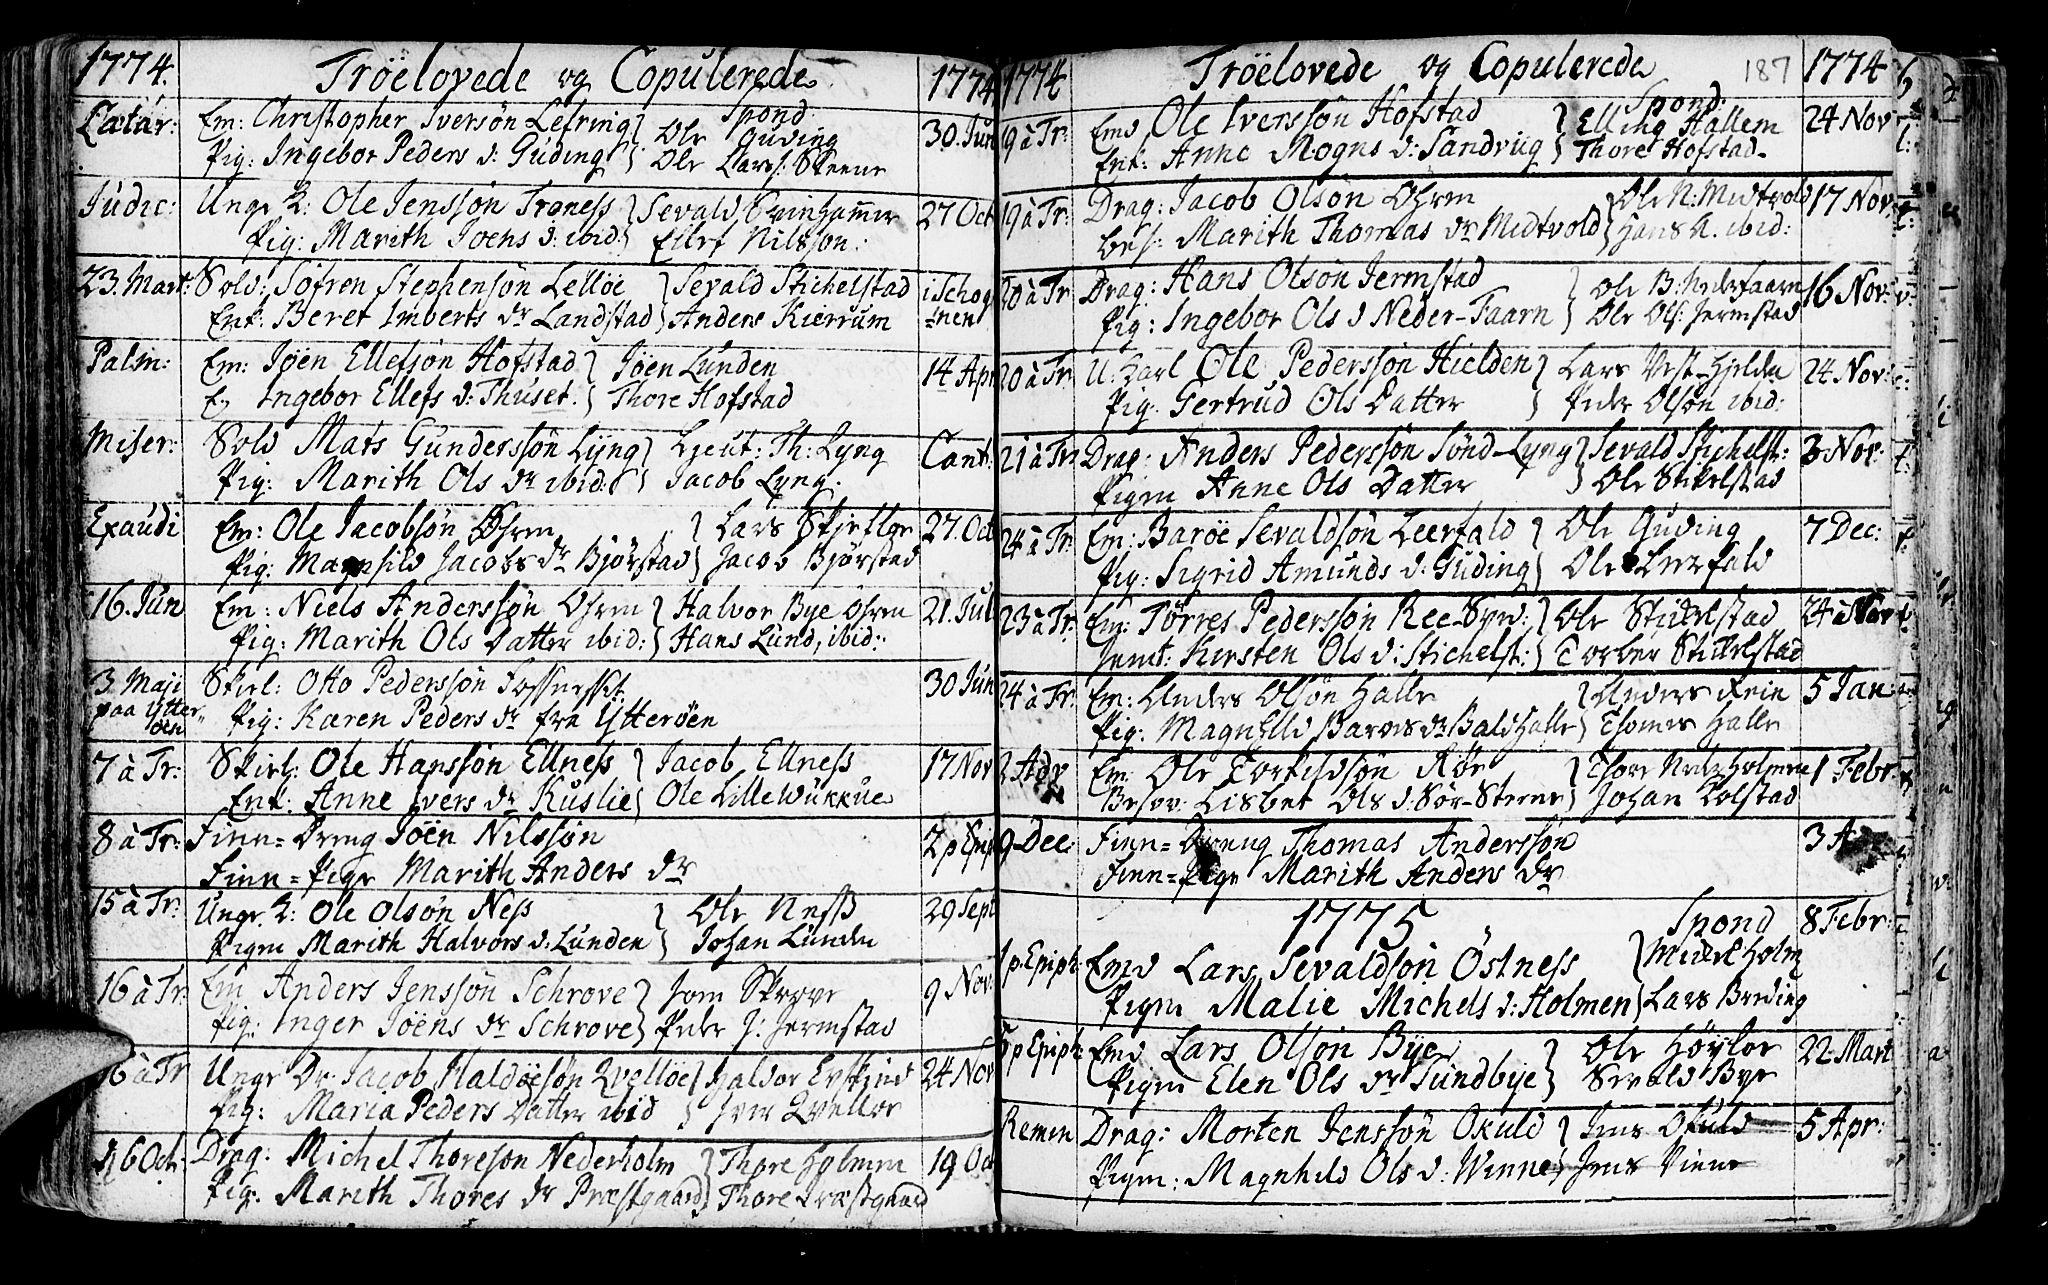 SAT, Ministerialprotokoller, klokkerbøker og fødselsregistre - Nord-Trøndelag, 723/L0231: Ministerialbok nr. 723A02, 1748-1780, s. 187